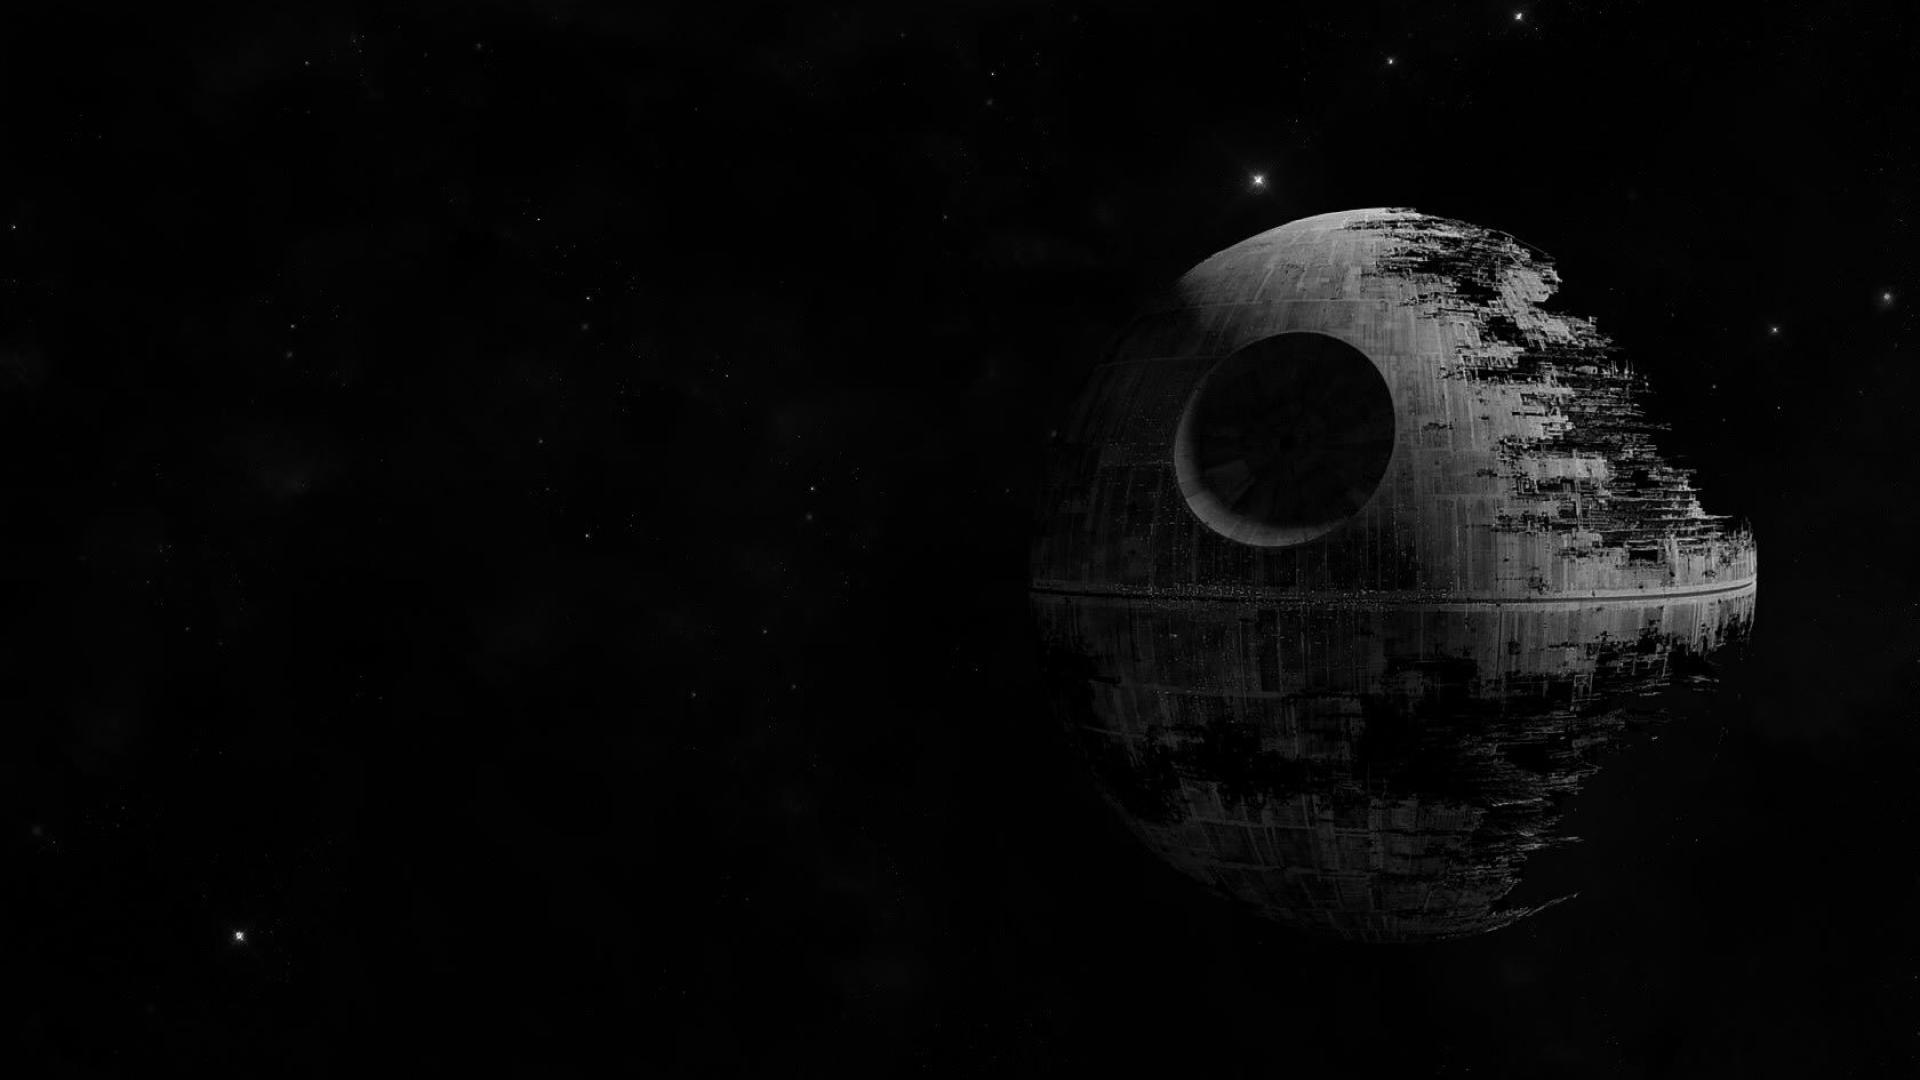 Star Wars Wallpaper By Jonny Emer On Goldwall